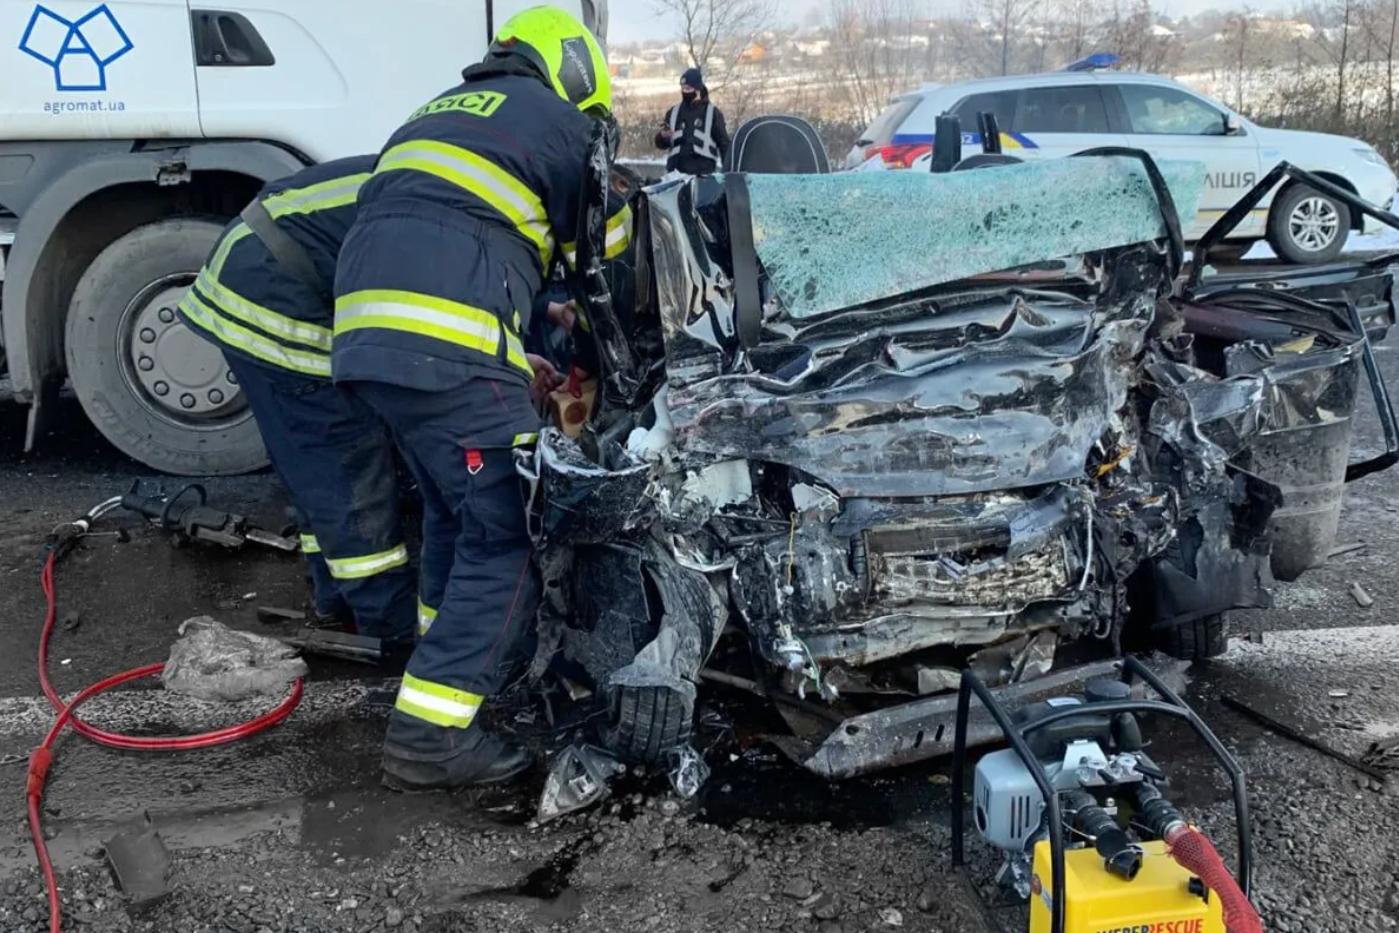 Рятувальники діставали з авто тіла